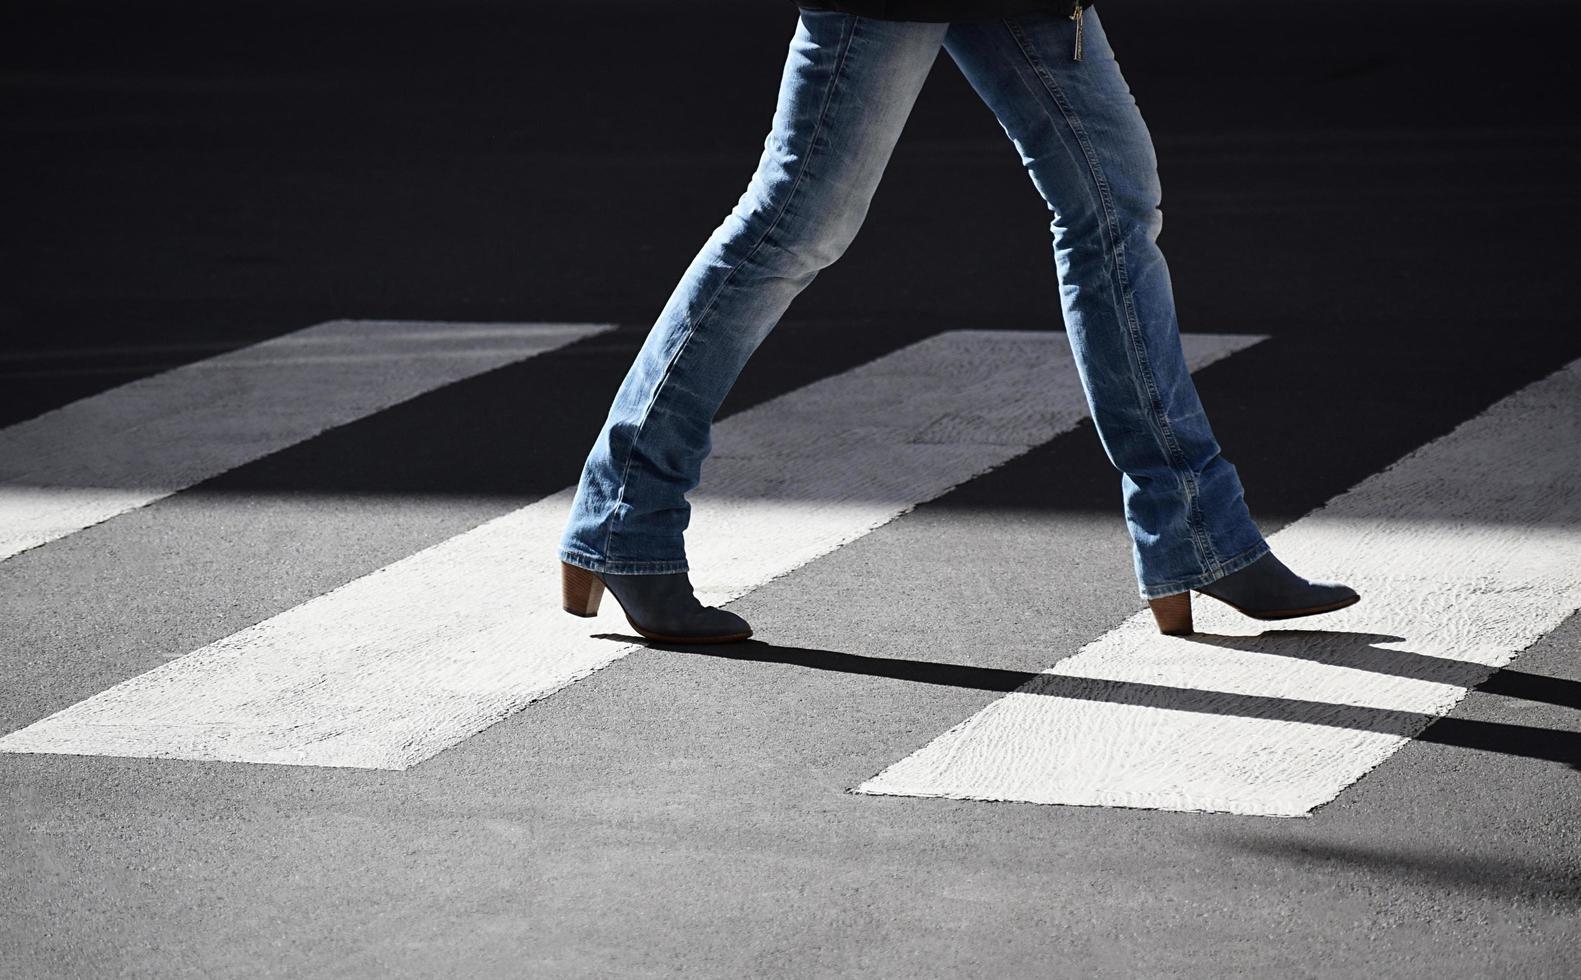 persona caminando en el carril peatonal foto